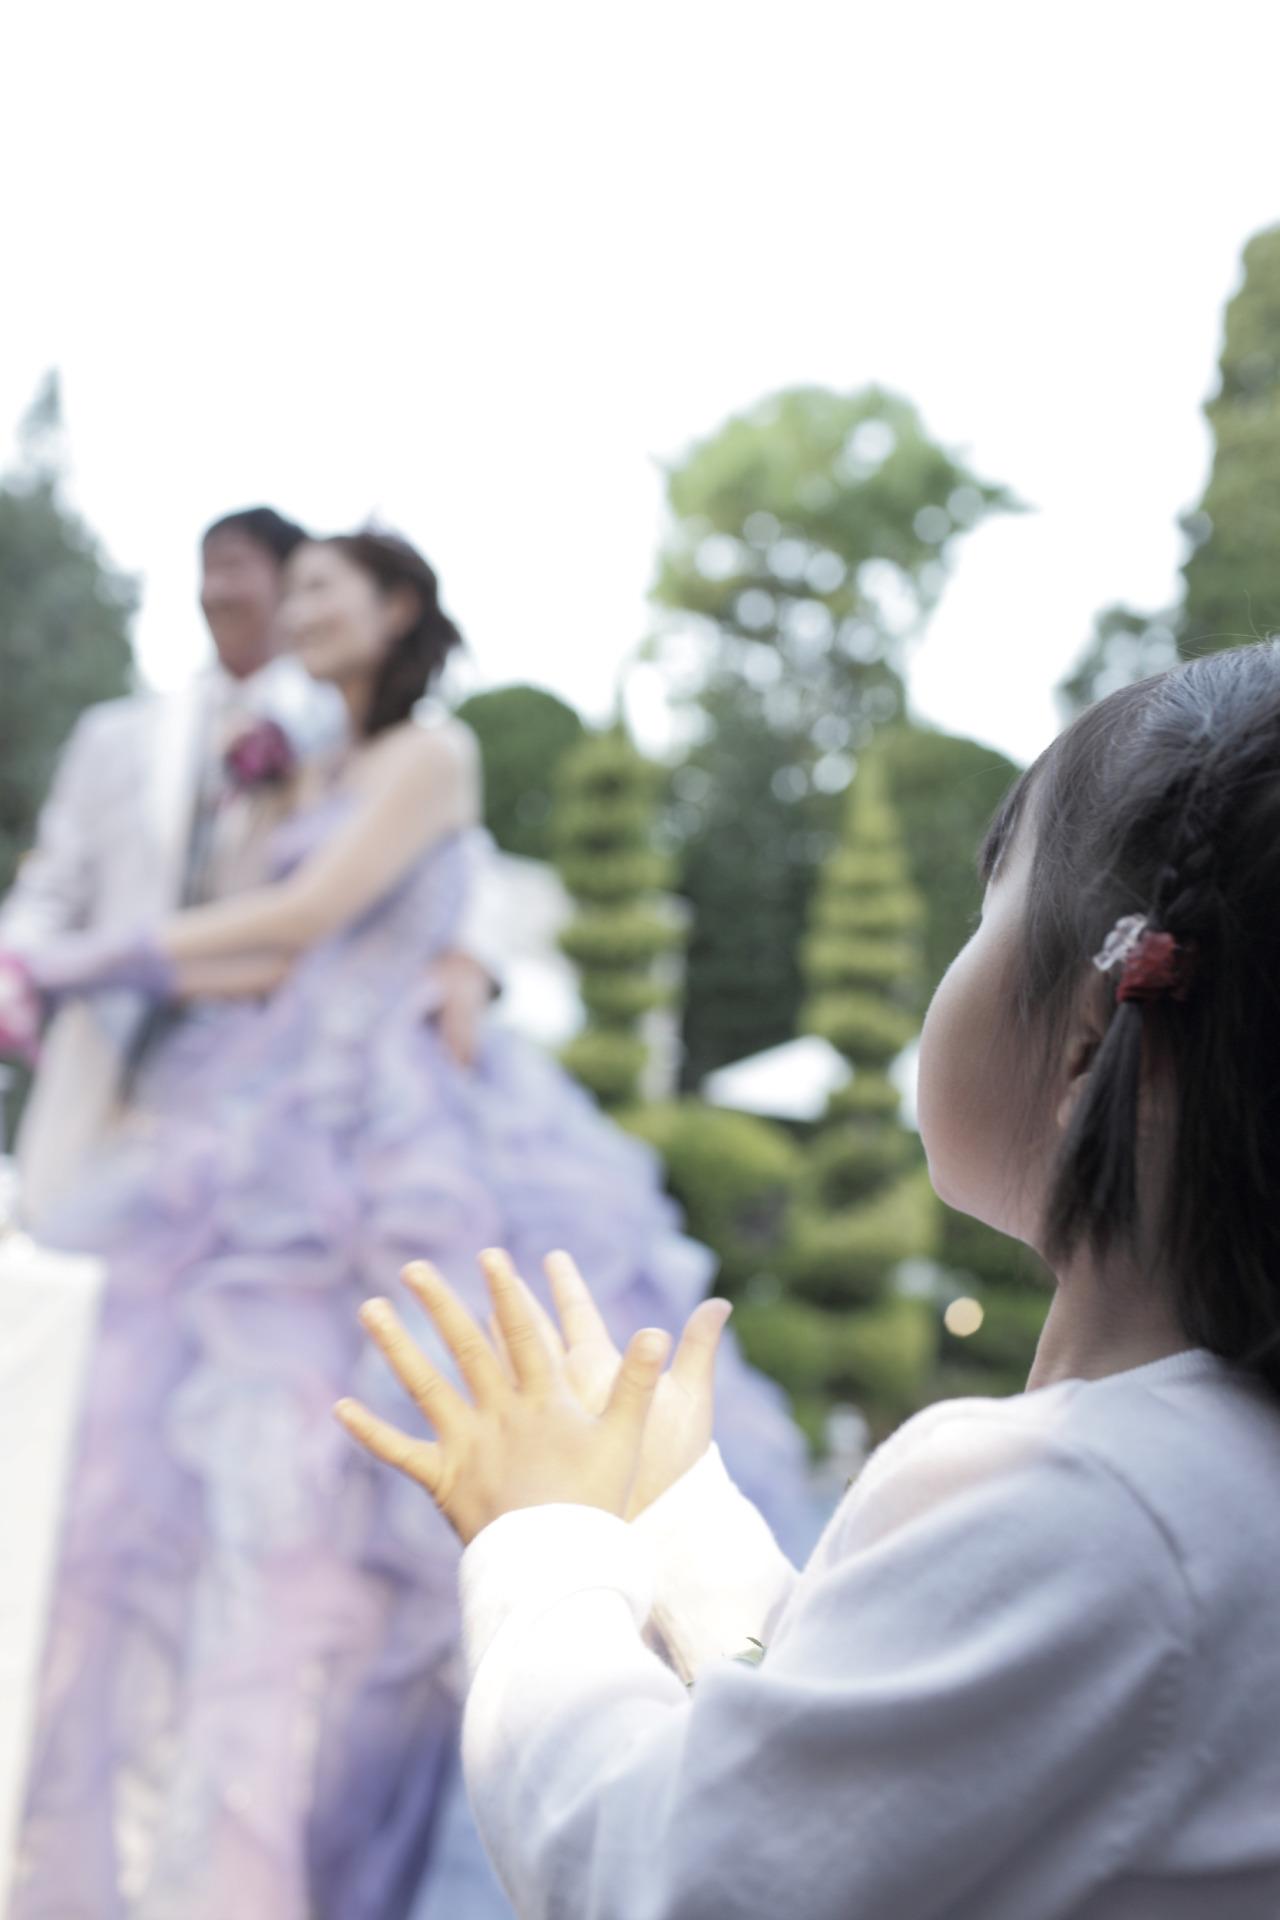 思い出に残るような結婚式や披露宴を2人で作ってみませんか?のサムネイル画像